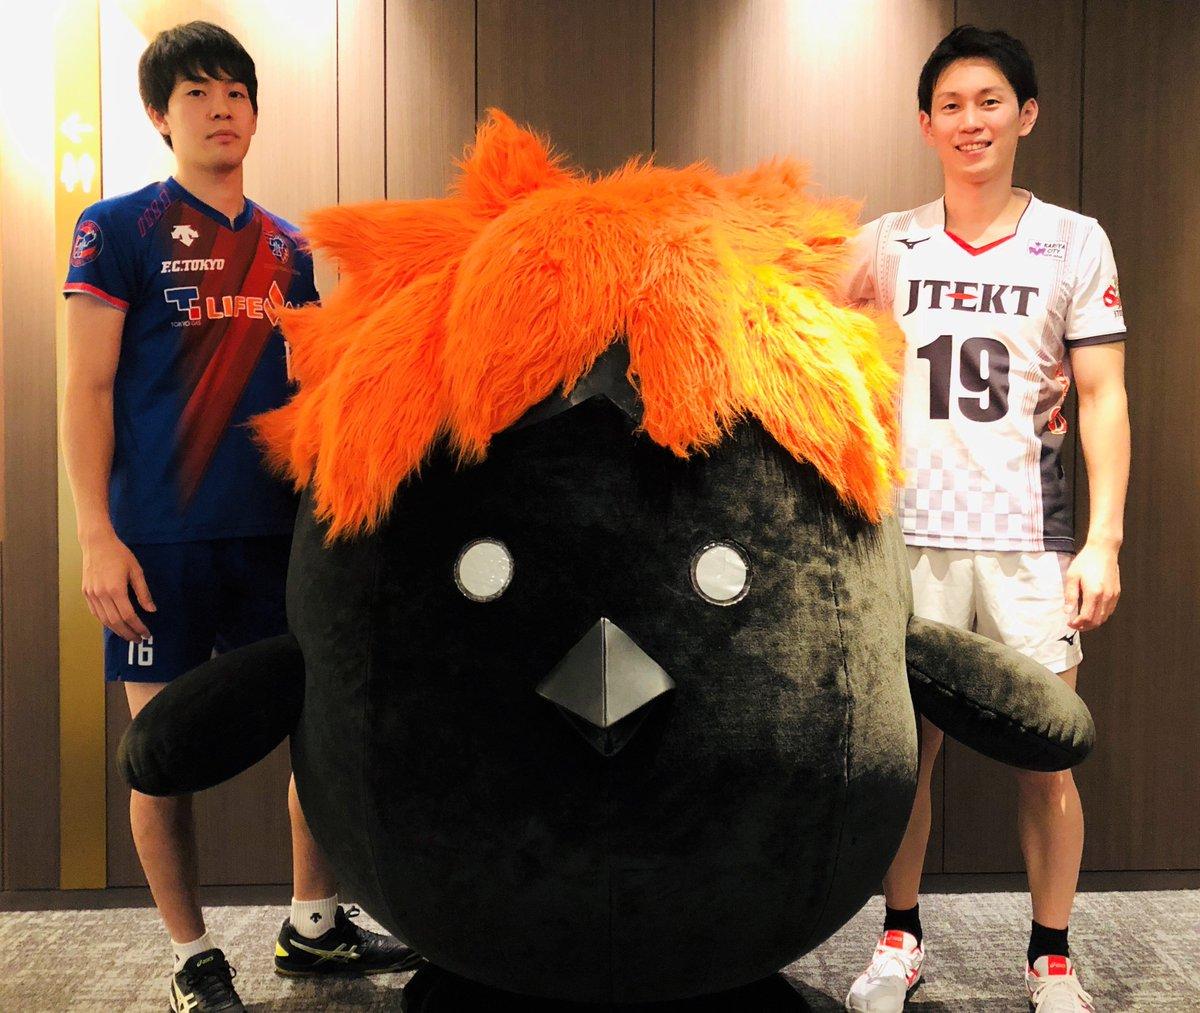 【ハイキュー!!×V.LEAGUE】本日のV1男子開幕記者会見ではヒナガラスも登場!日向とのコラボビジュアル対象のジェイテクトSTINGS・浅野博亮選手、影山とのコラボビジュアル対象のFC東京・手原紳選手、そしてVリーグオフィシャルマスコットキャラクターのブイリーとも記念撮影を!!#hq_anime #vleague